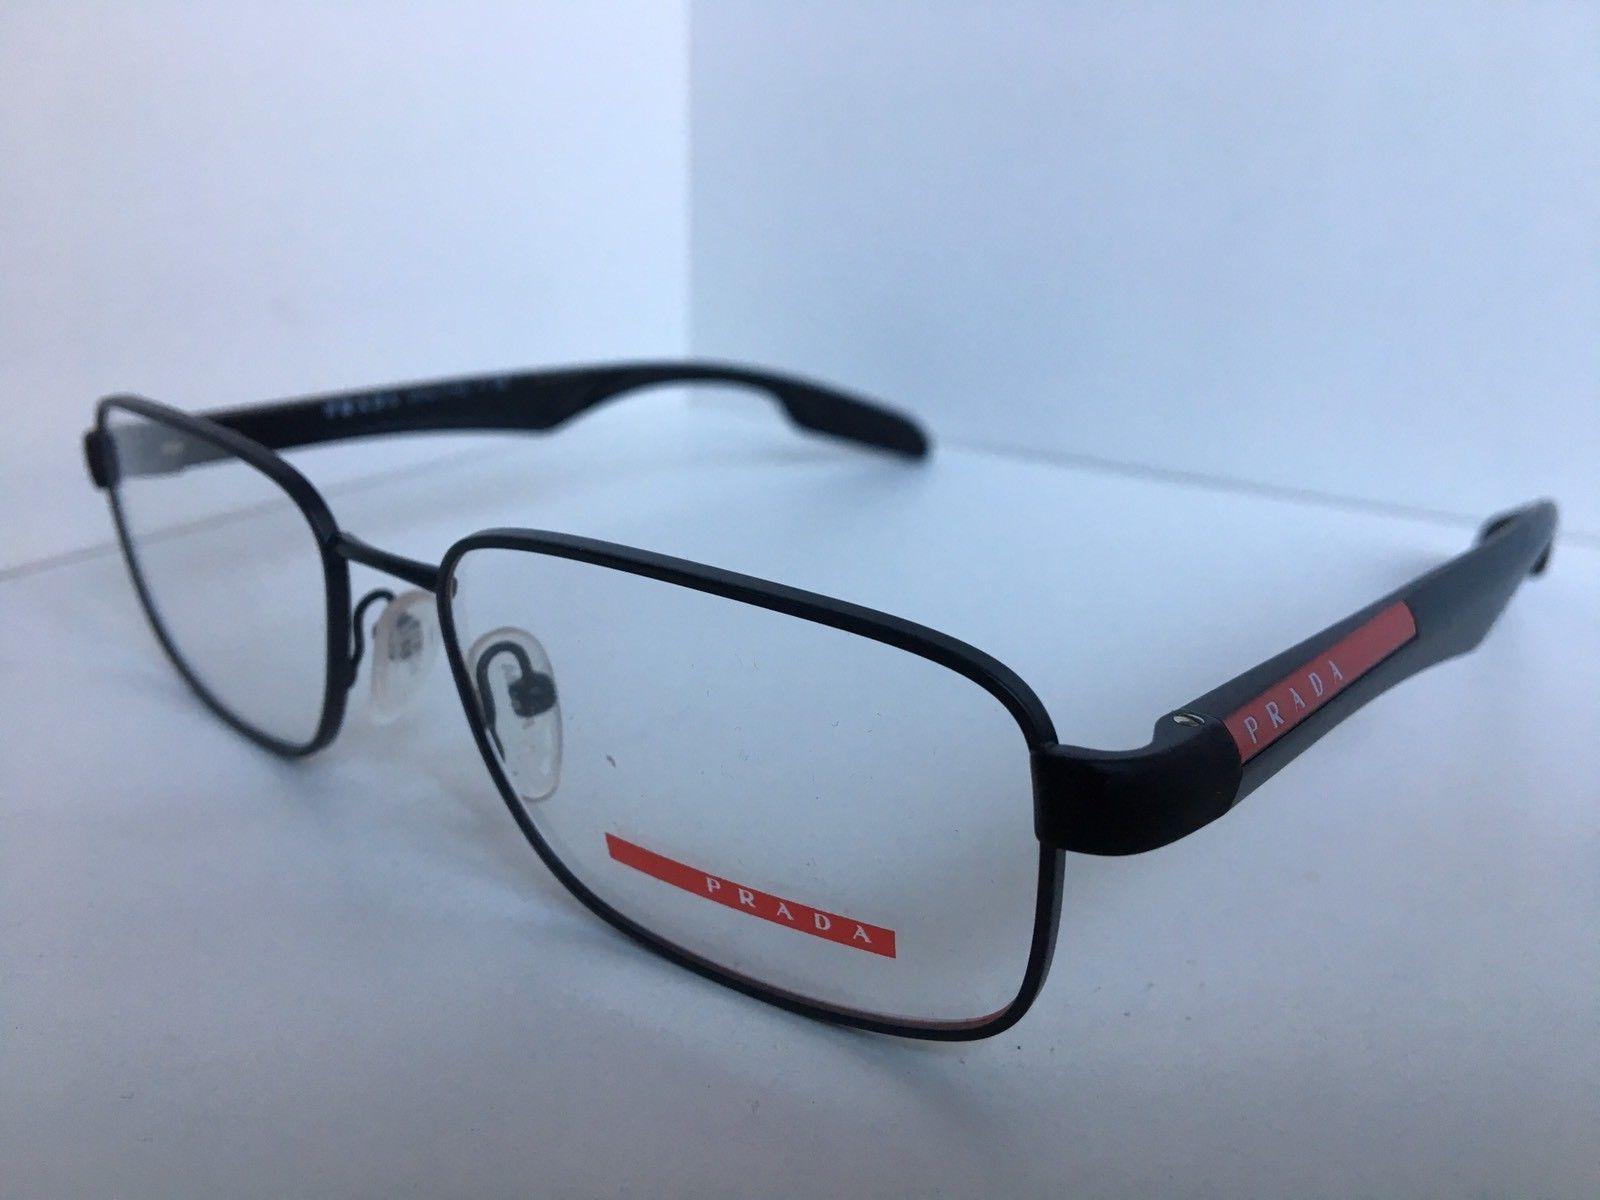 159fb762efe S l1600. S l1600. New PRADA Sport VPS 52D VPS52D AAG-1O1 Gray Black 52mm  Men s Eyeglasses Frame